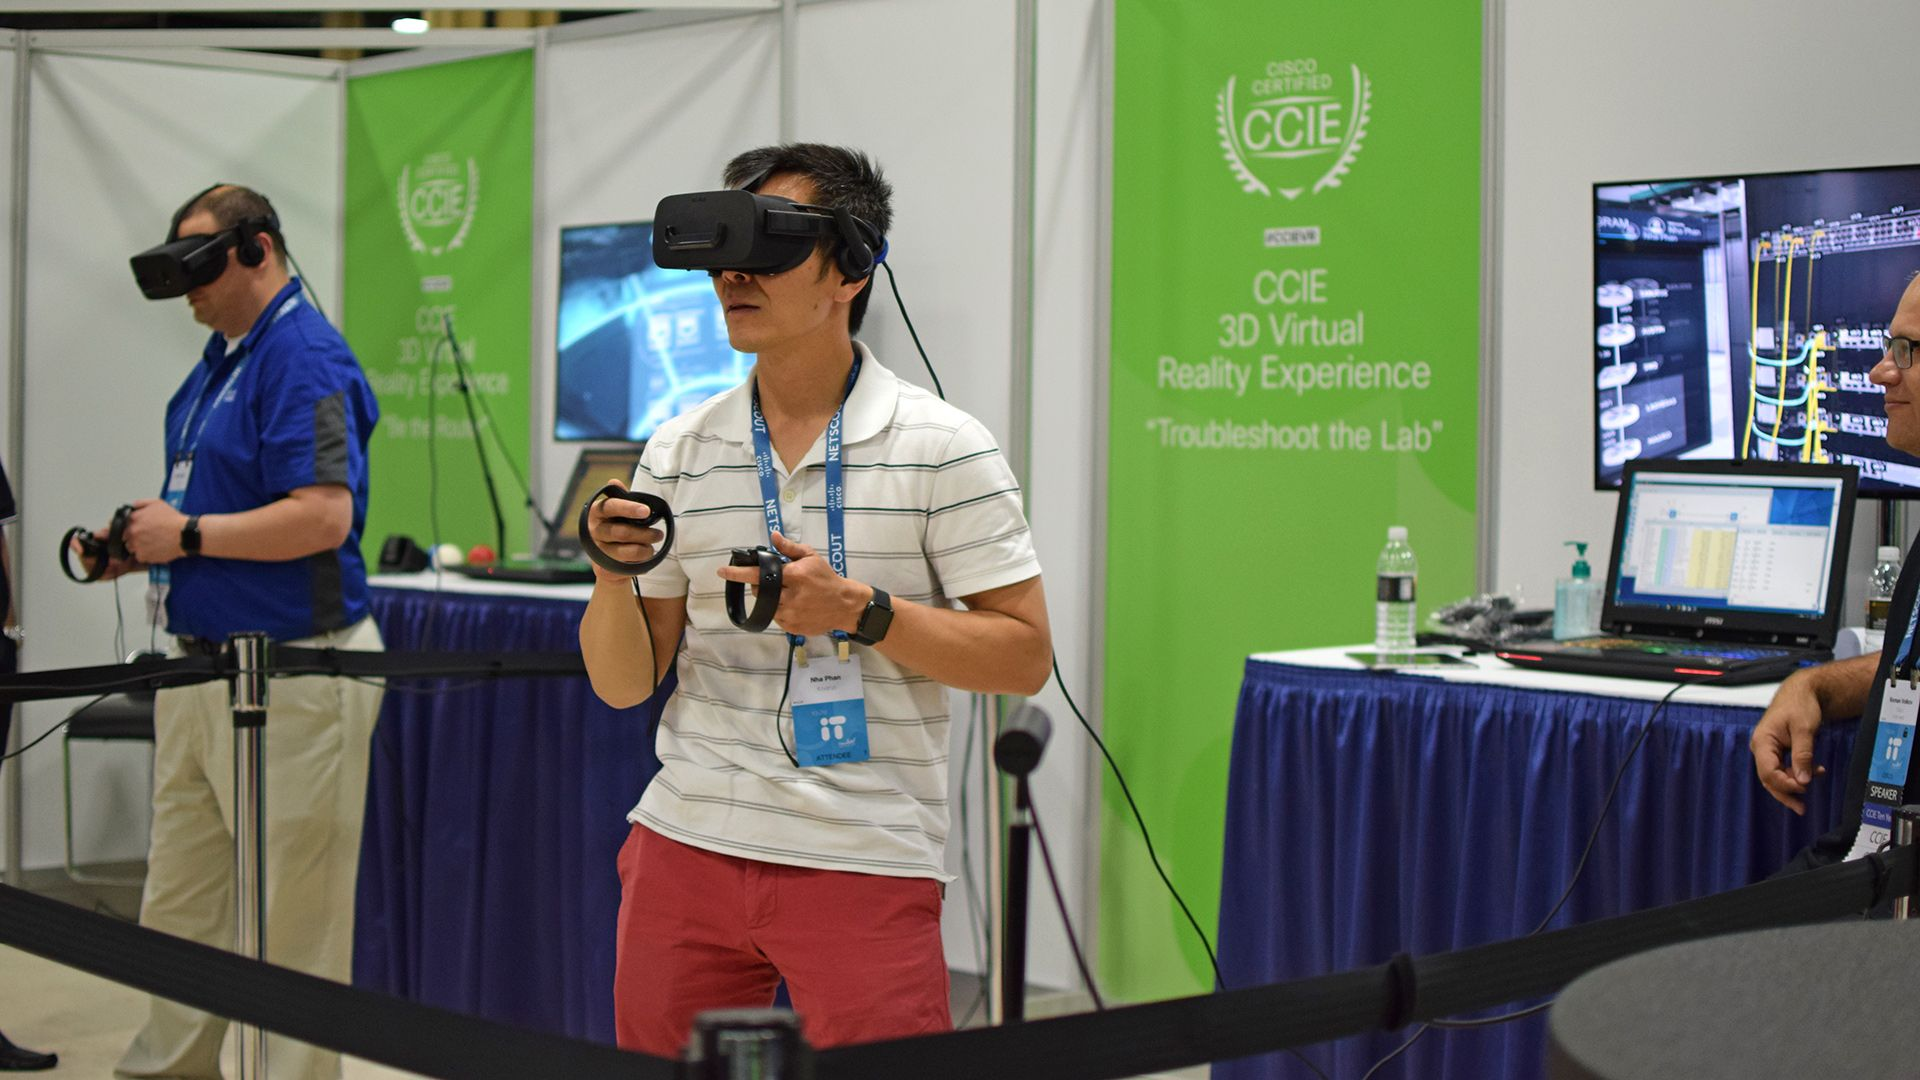 Fotografia Participantes probando la experiencia de realidad virtual